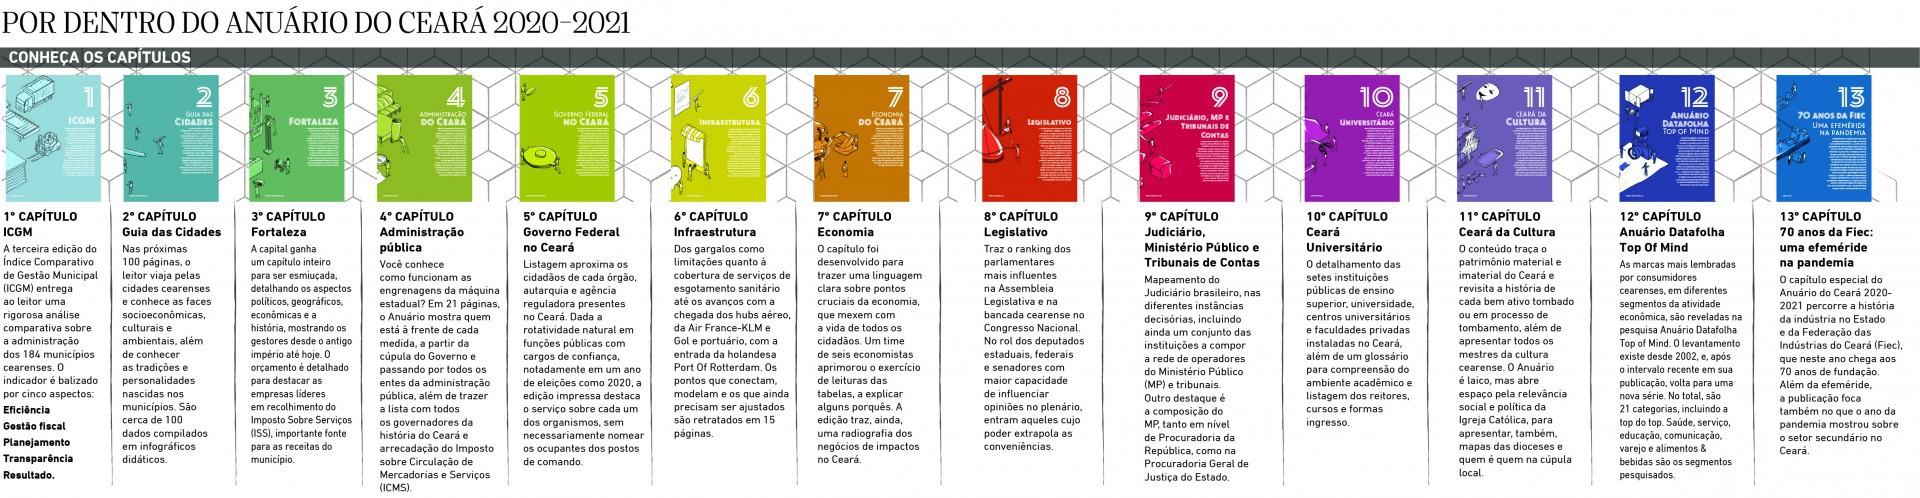 Anuário do Ceará 2020-2021